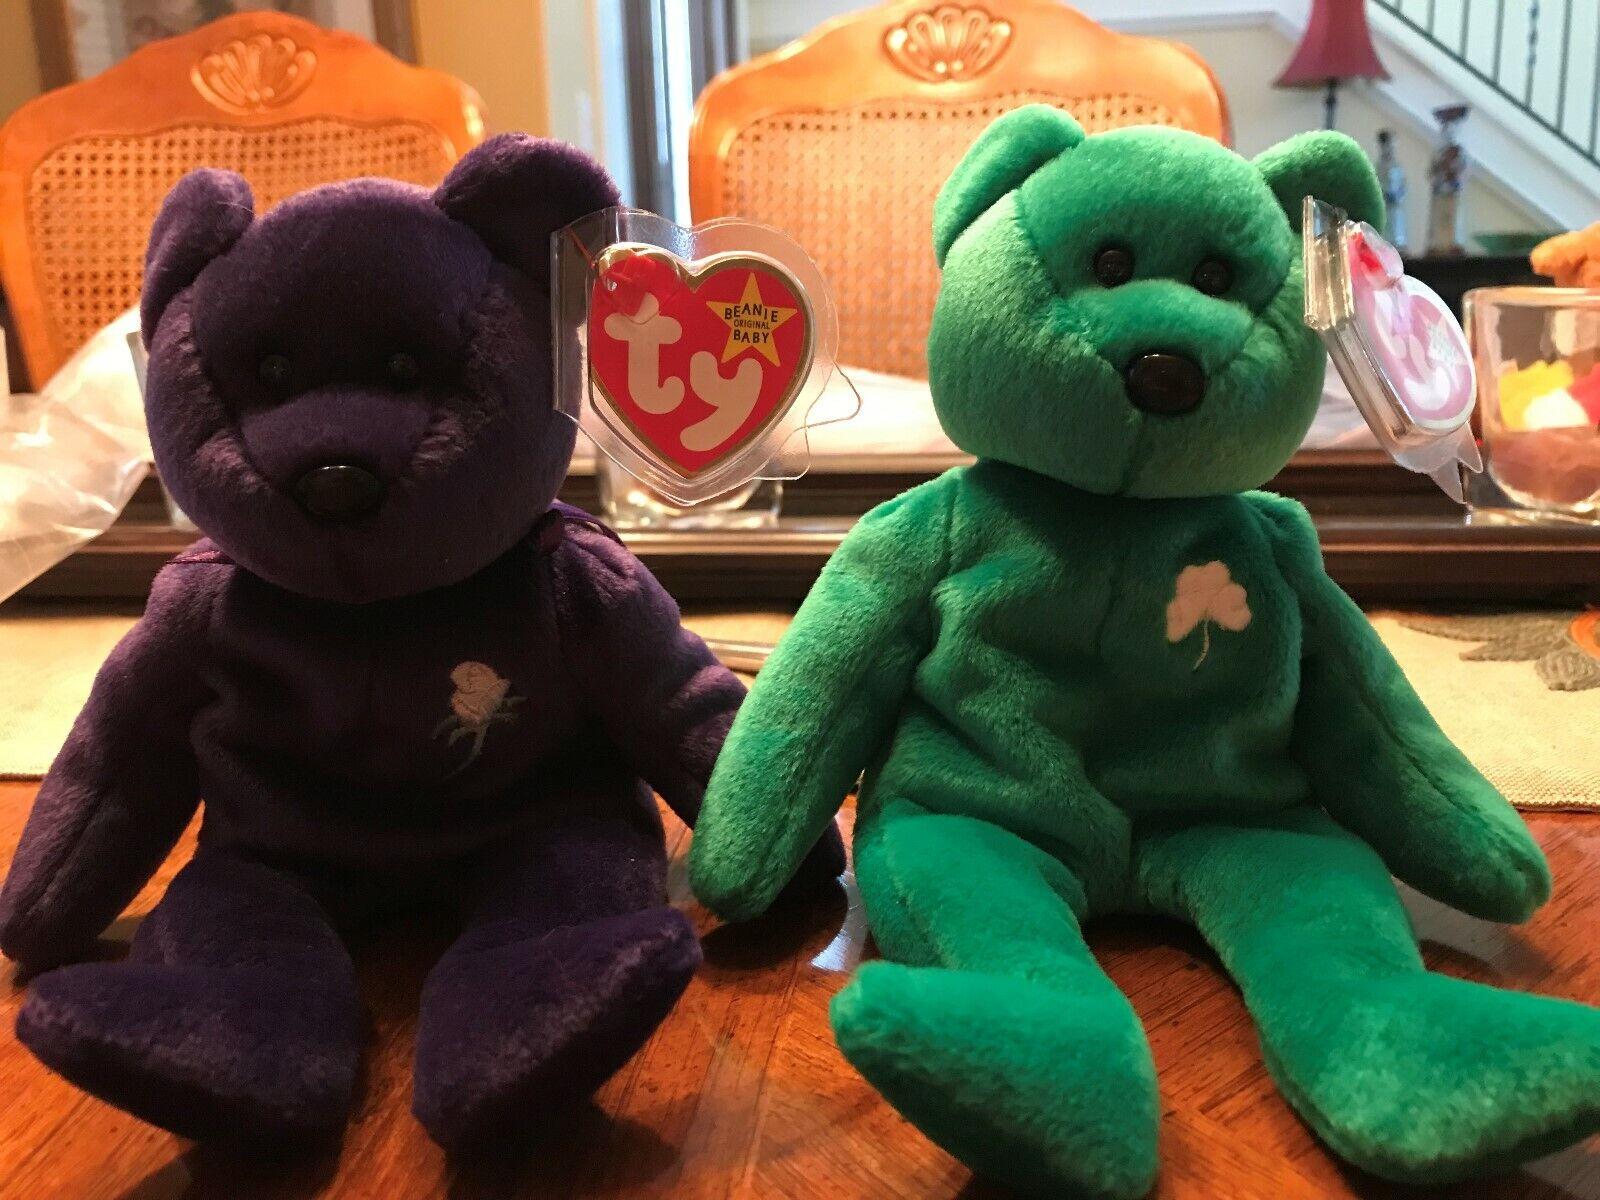 Prinsessan Diana Di Beanie bebis TY & och Erin Bear --New Mint --Ingen tush taggstämpel